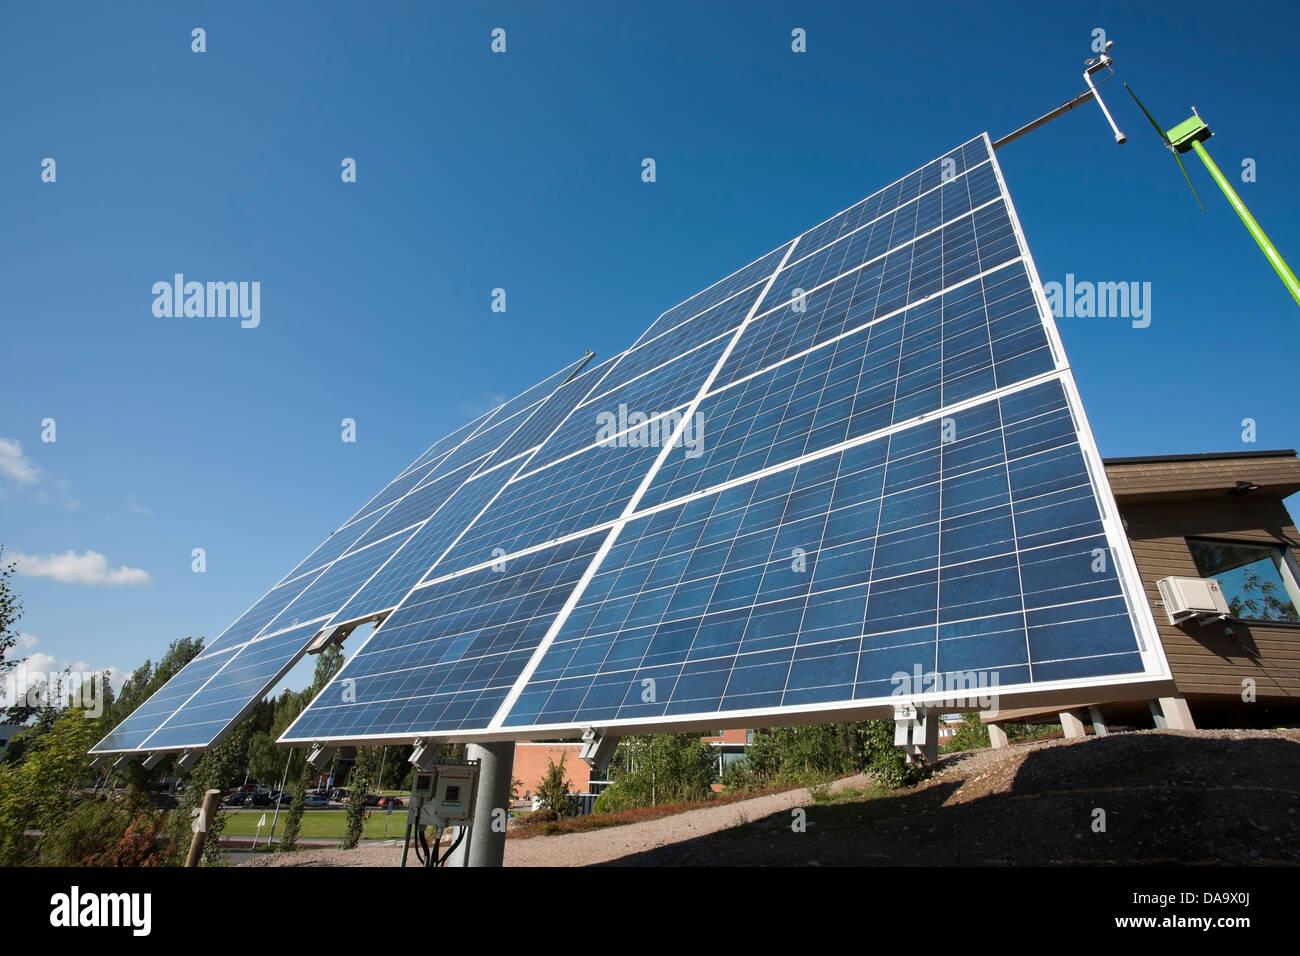 Paneles solares para la producción de electricidad, Lappeenranta Finlandia Foto de stock